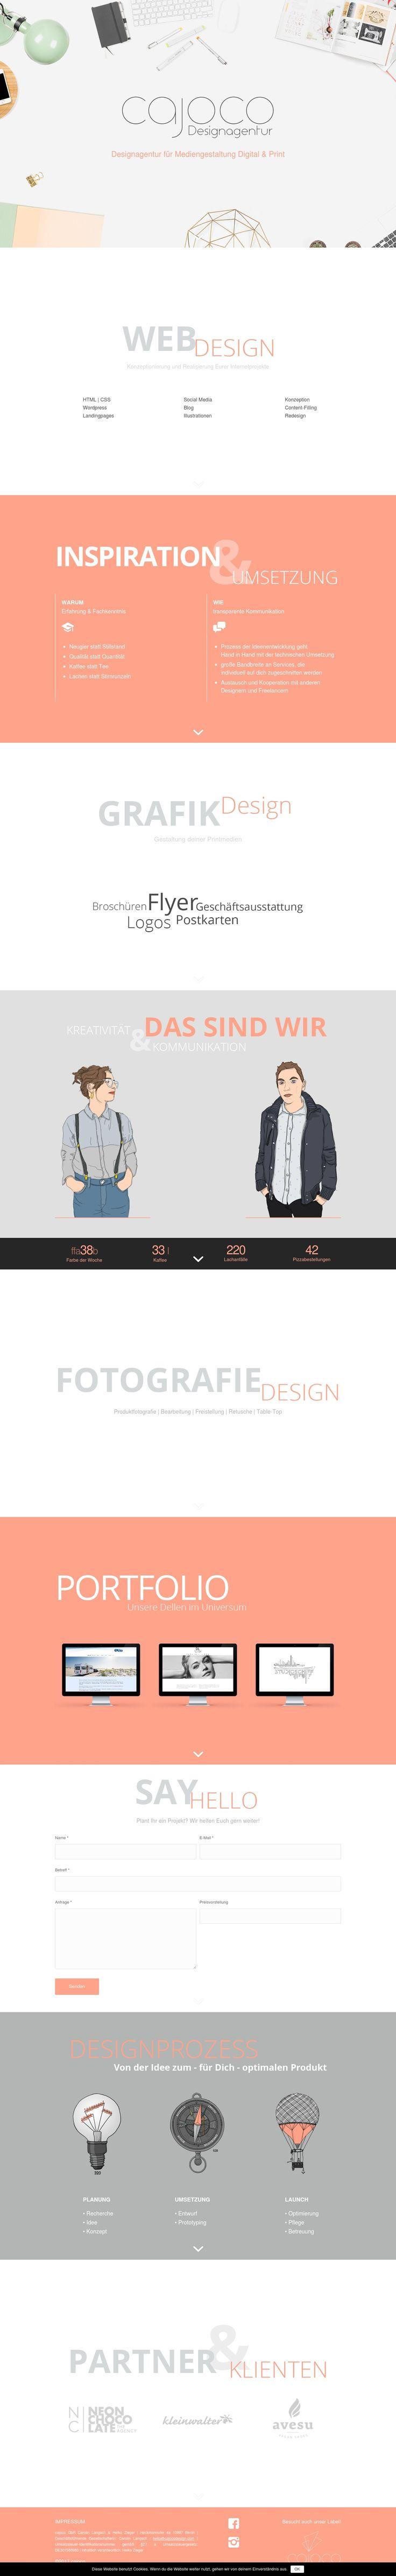 7 best OnePage images on Pinterest | Berlin, Digitaldrucke und ...